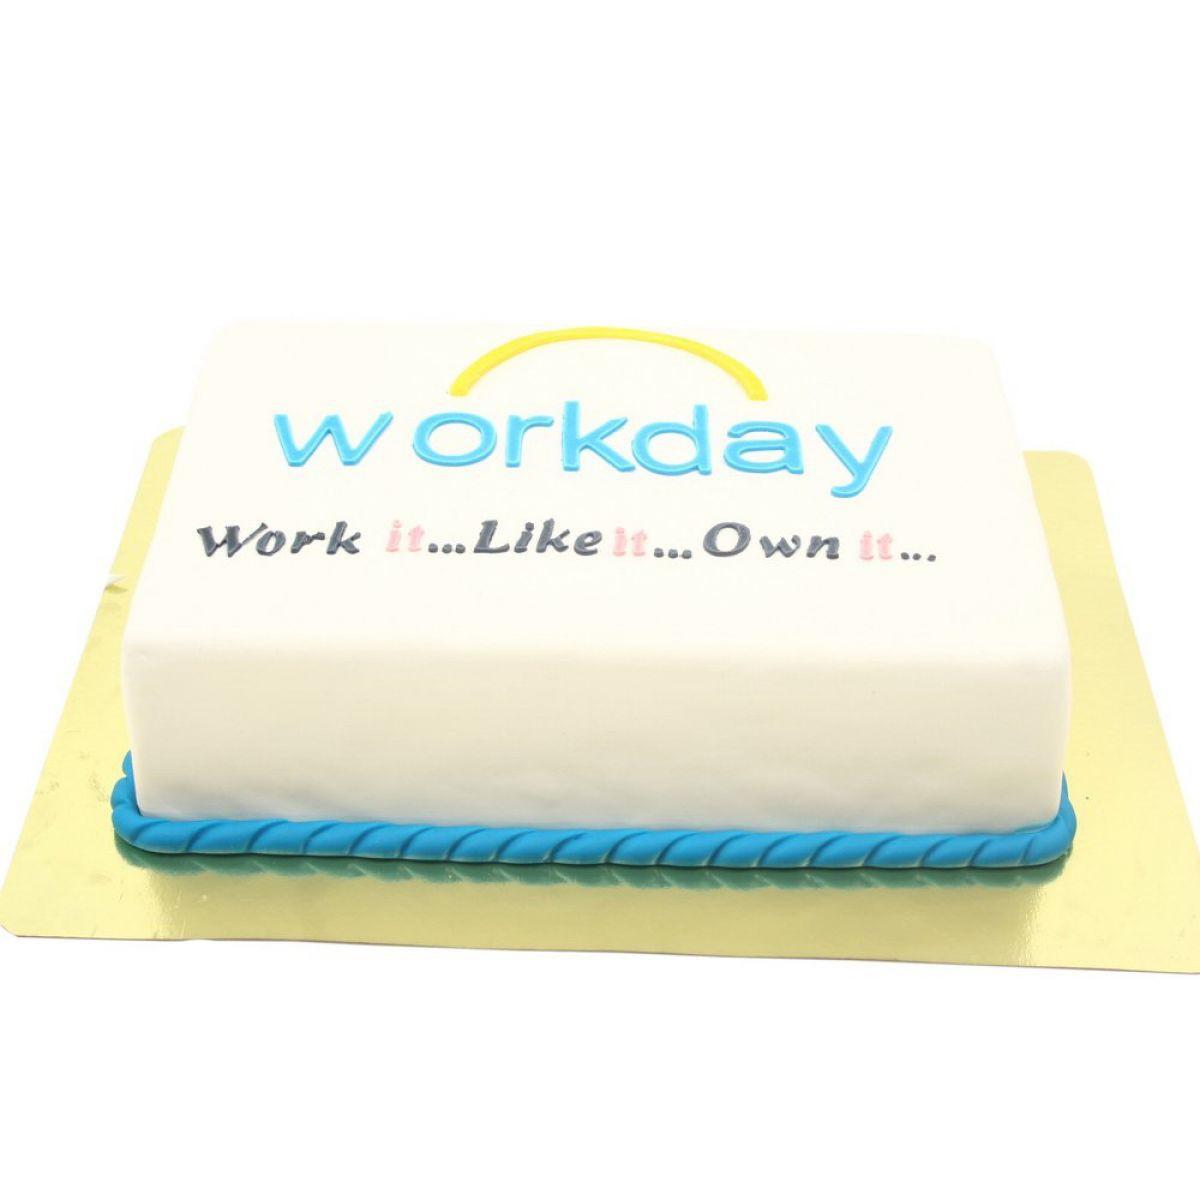 №977 Торт workday